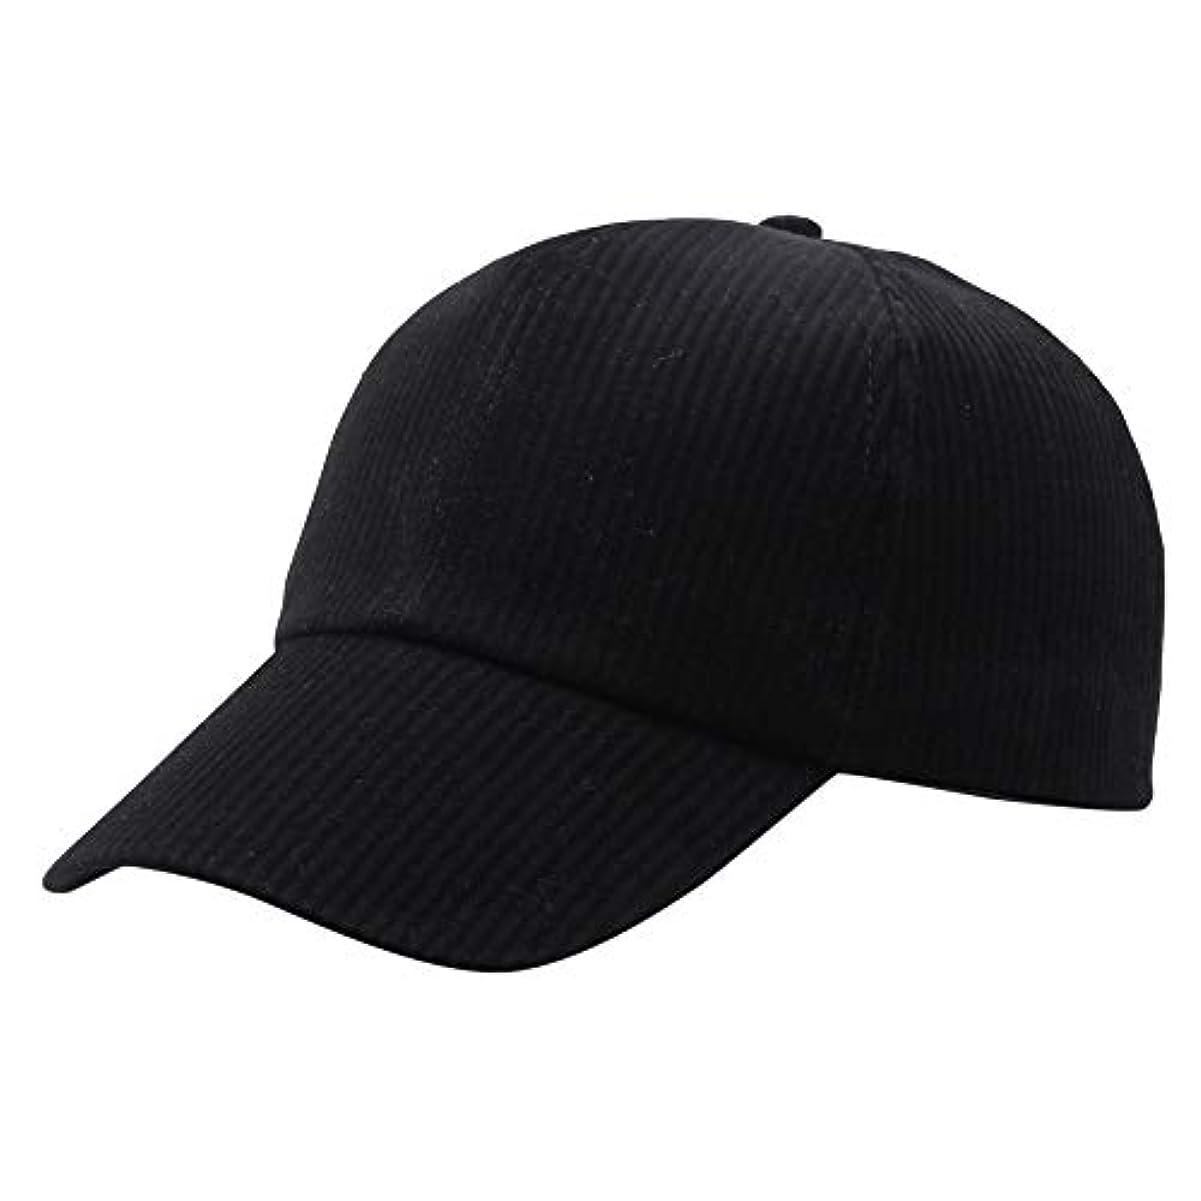 モーテルリラックスコミュニケーションRacazing Cap コーデュロイ 野球帽 迷彩 夏 登山 通気性のある メッシュ 帽子 ベルクロ 可調整可能 ストライプ 刺繍 棒球帽 UV 帽子 軽量 屋外 Unisex Hat (B)